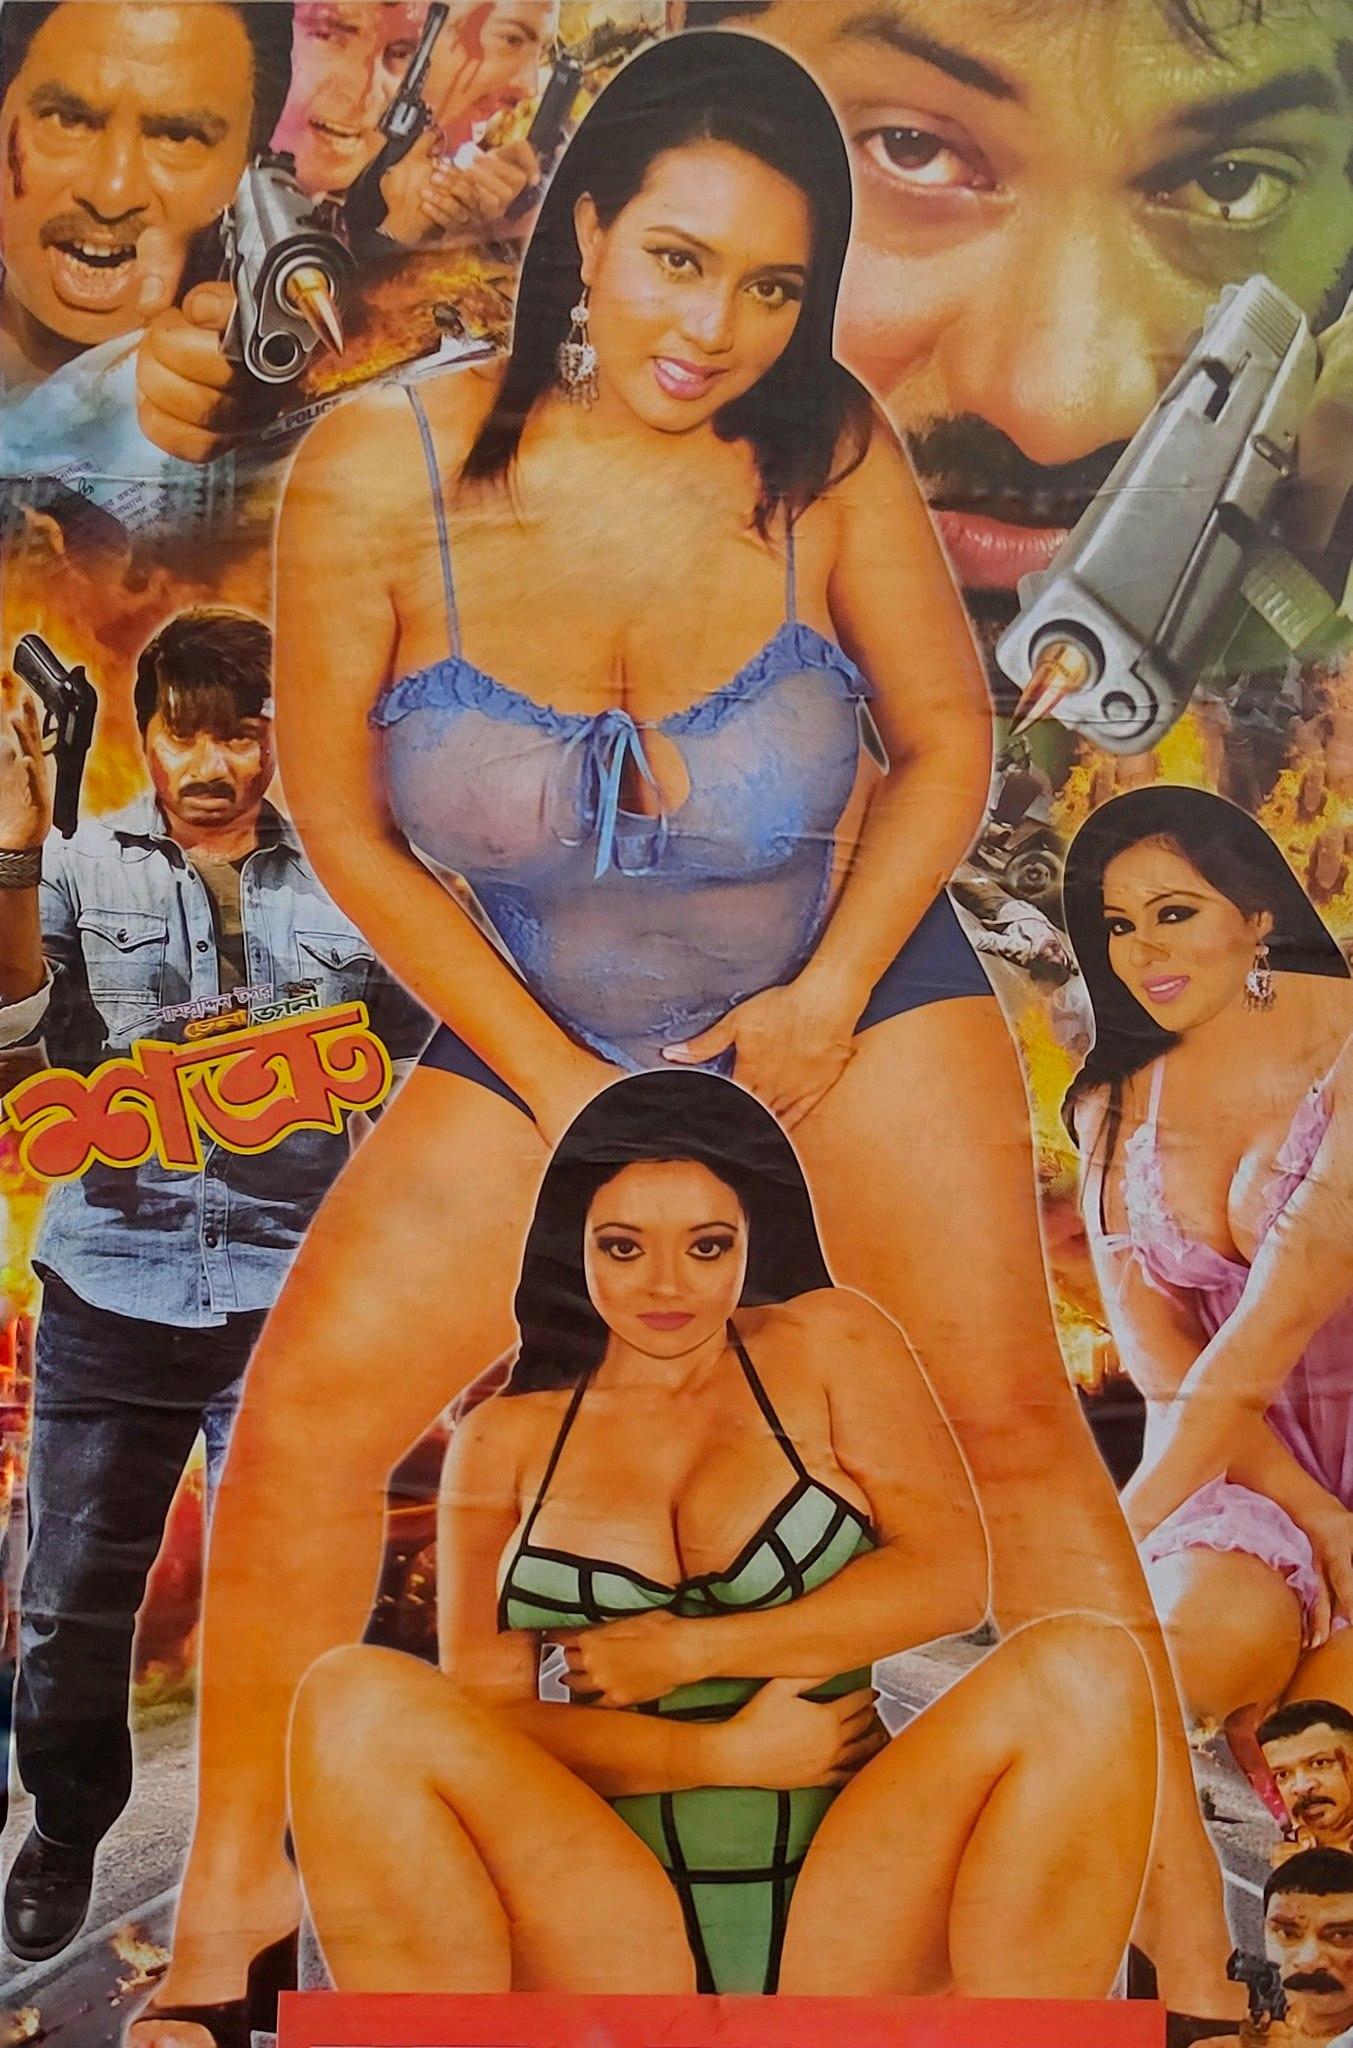 18+ Shotru 2021 Bangla Hot Movie 720p HDRip 700MB Download